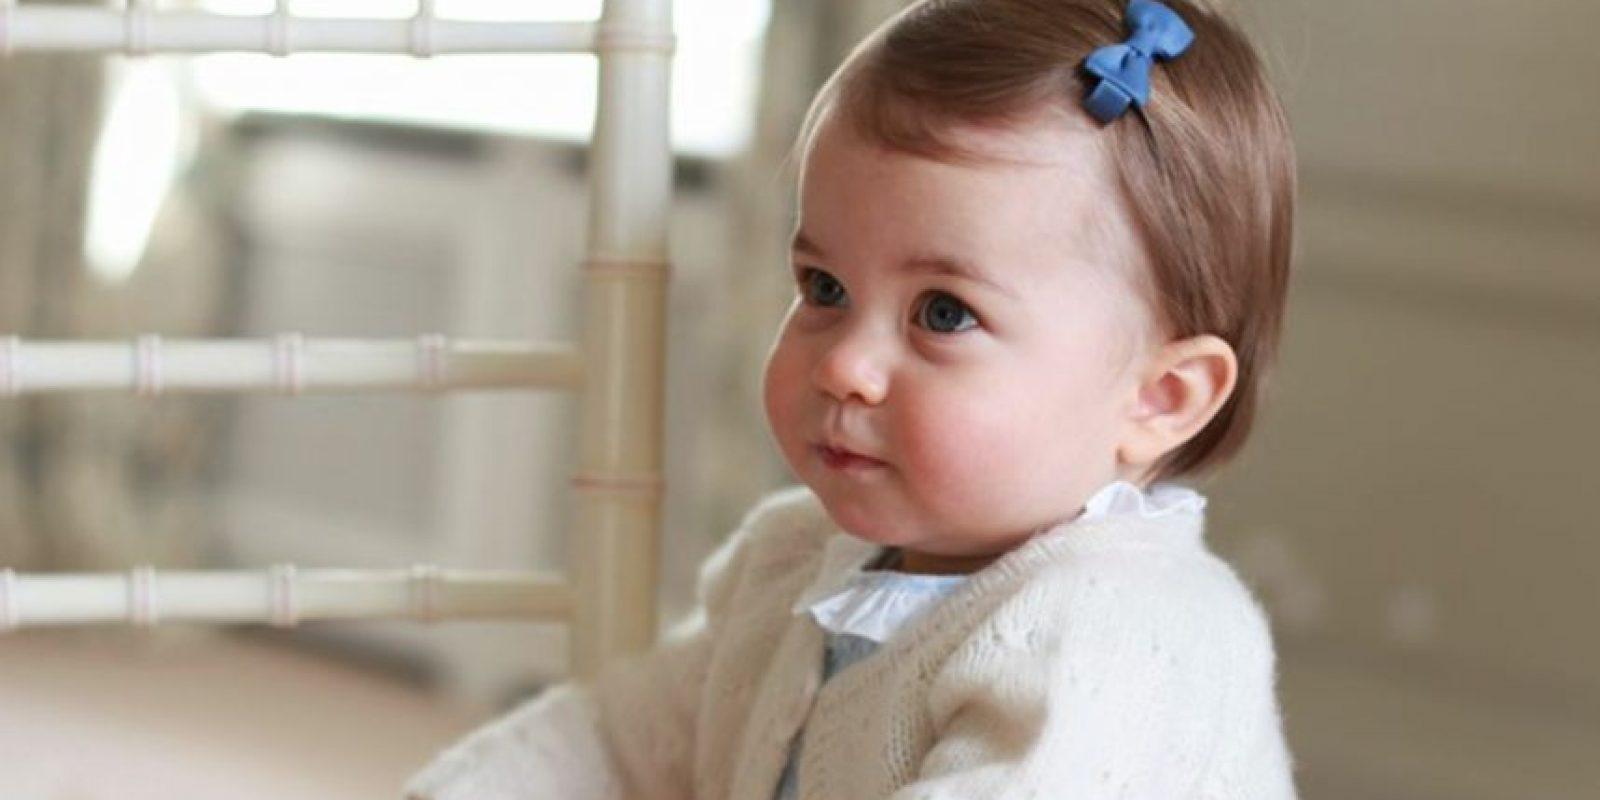 Las fotografías fueron tomadas por su madre. Foto:vía Facebook/The Royal Family